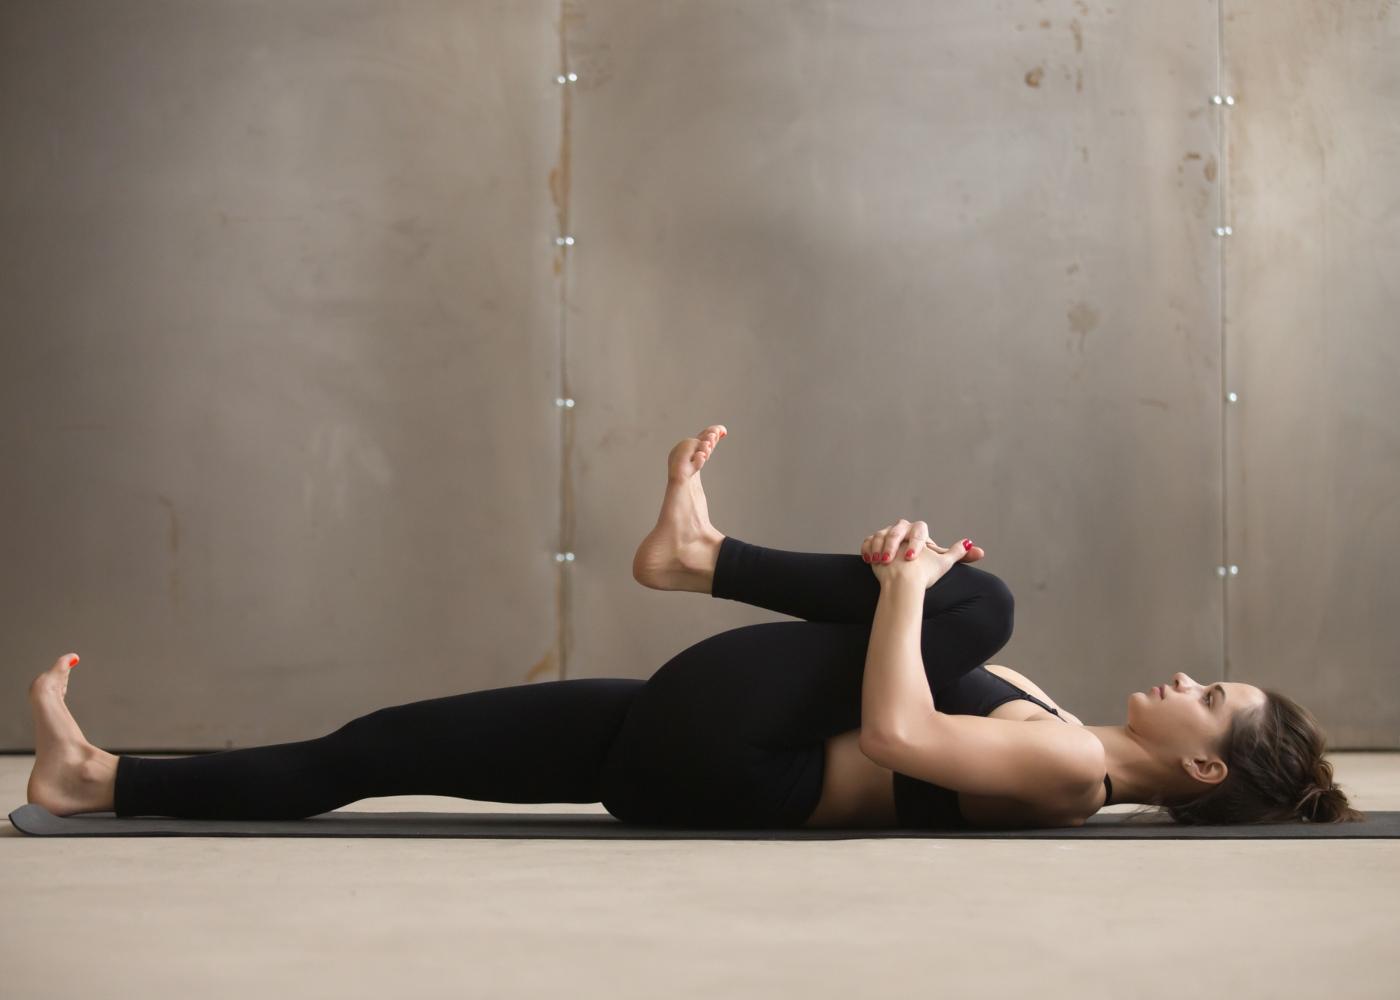 Exercícios para a dor ciática: joelho ao peito e extensão da perna